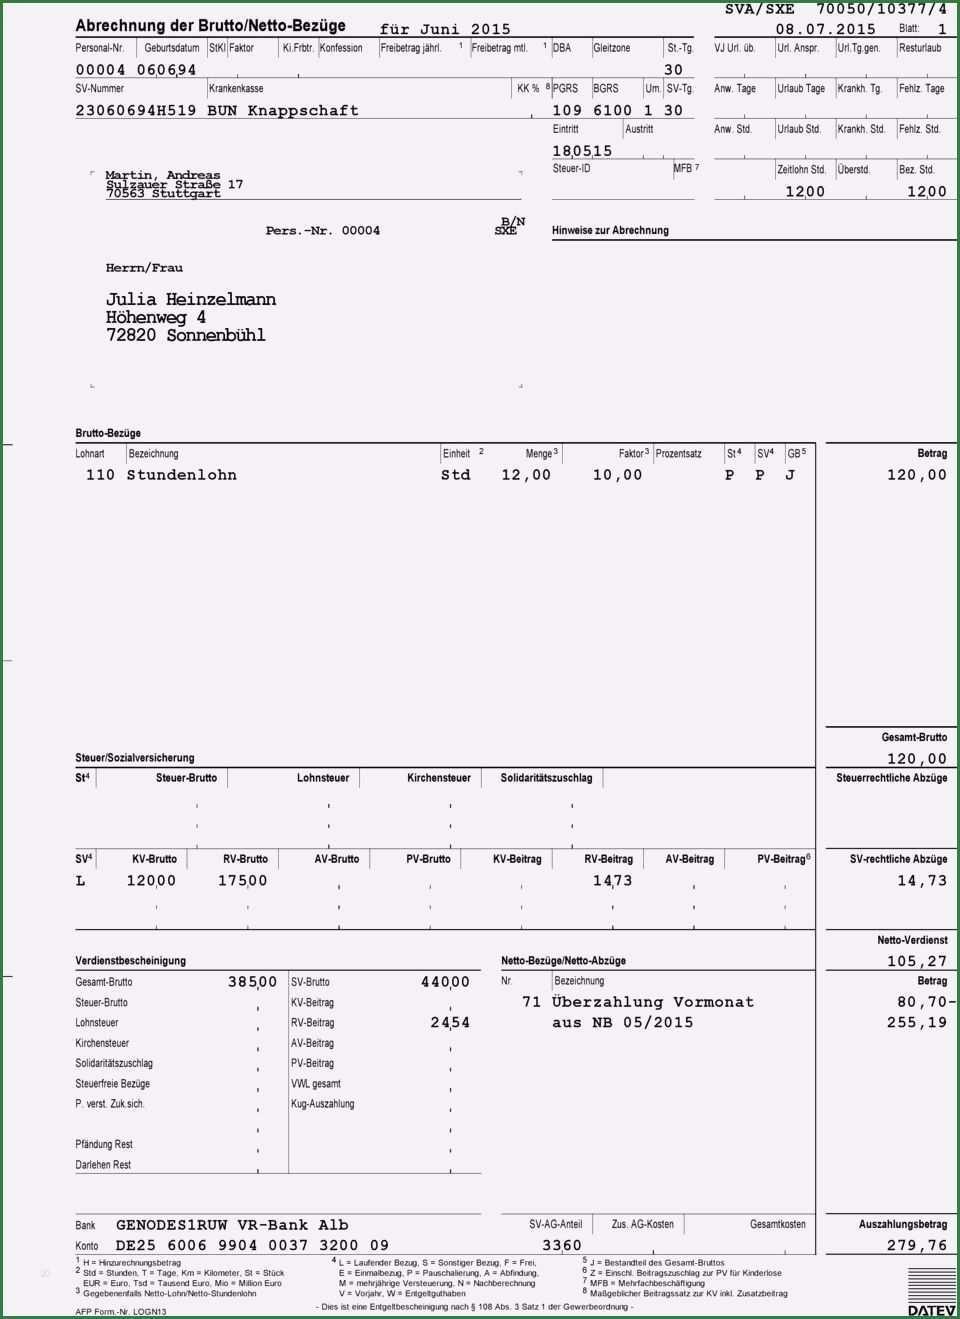 Perfekt Abrechnung Brutto Netto Bezuge Vorlage Fur 2020 Lebenslauf Lebenslauf Layout Briefkopf Vorlage